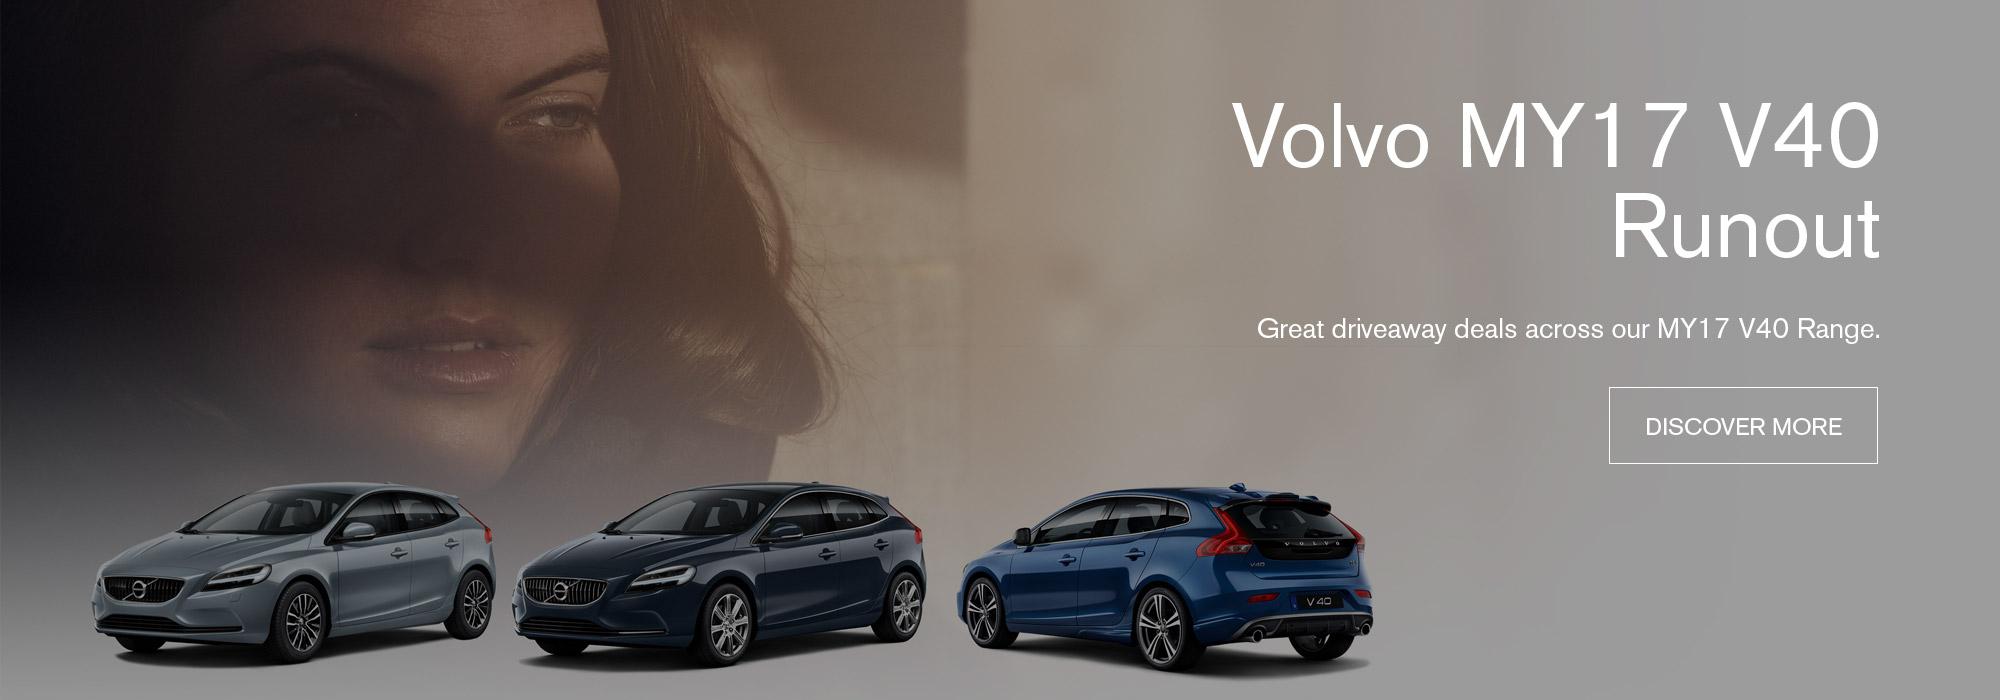 Volvo MY17 Runout